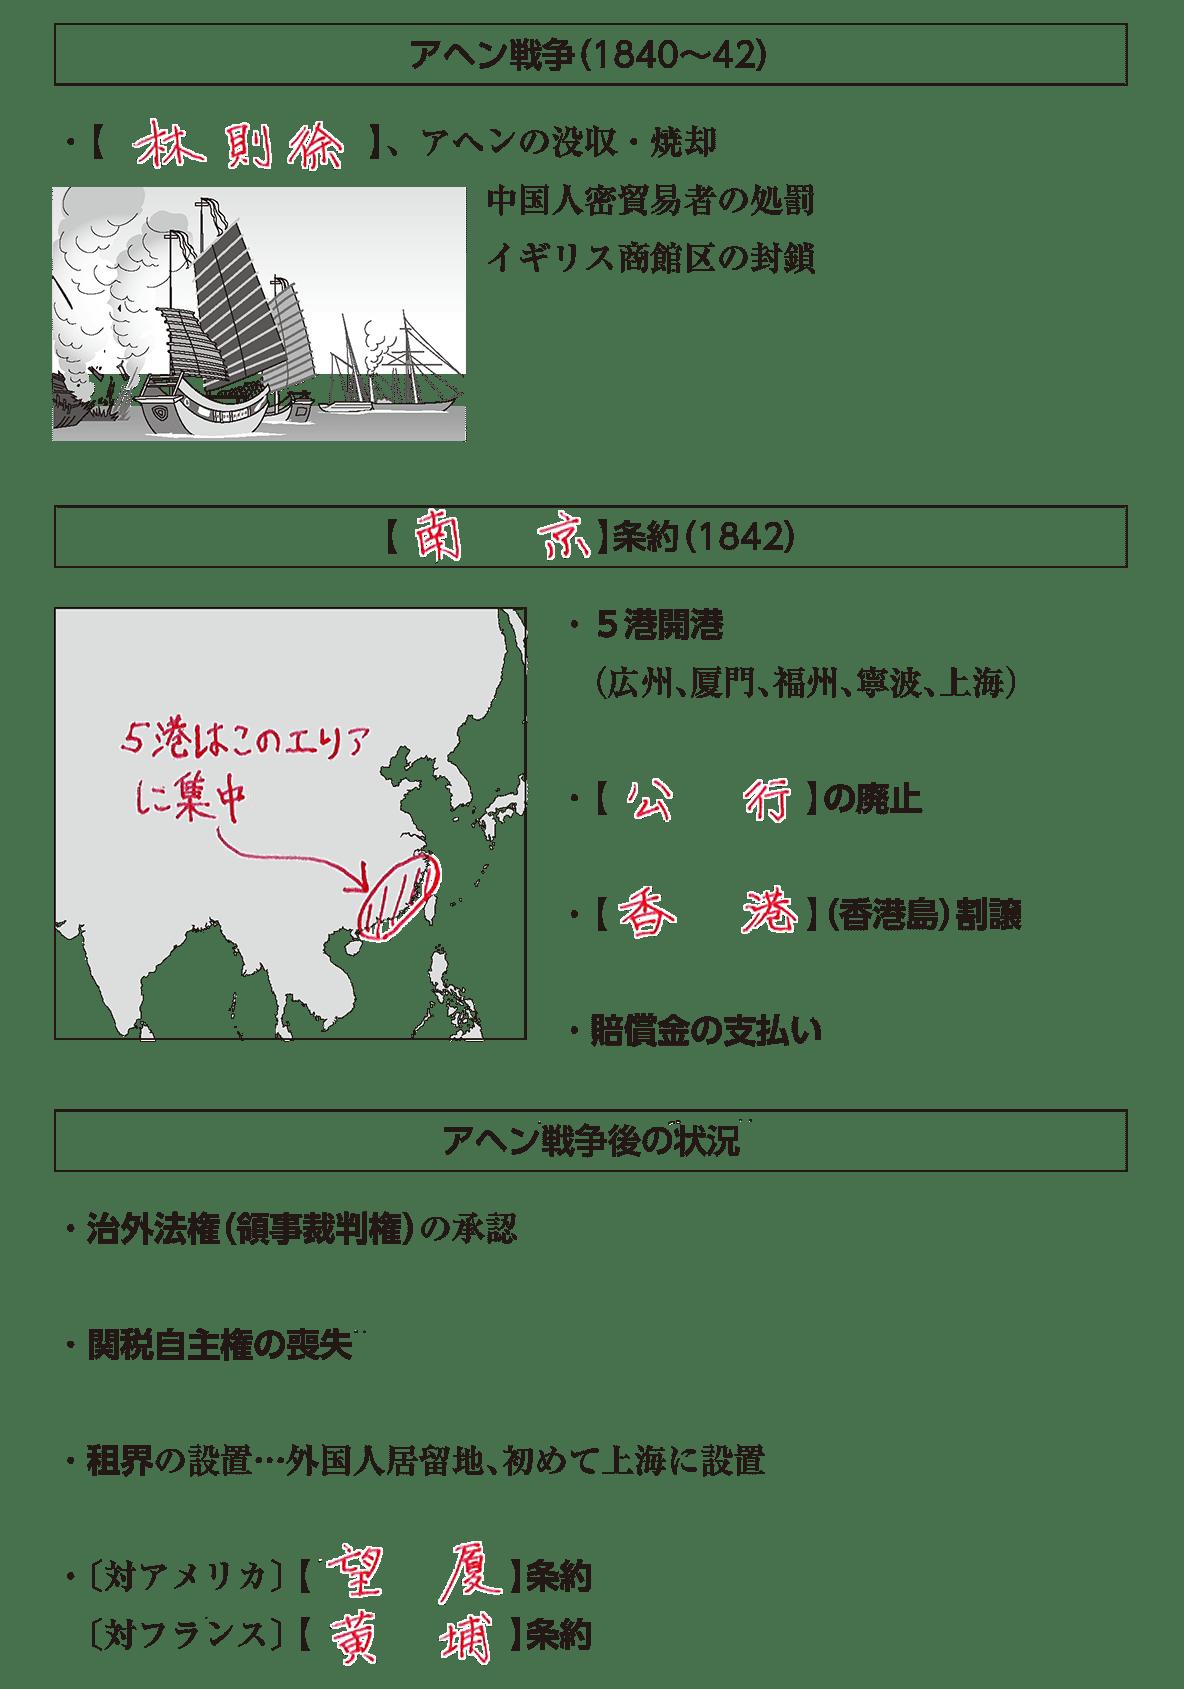 高校世界史 中国と朝鮮の植民地化2 ポイント2 答え全部